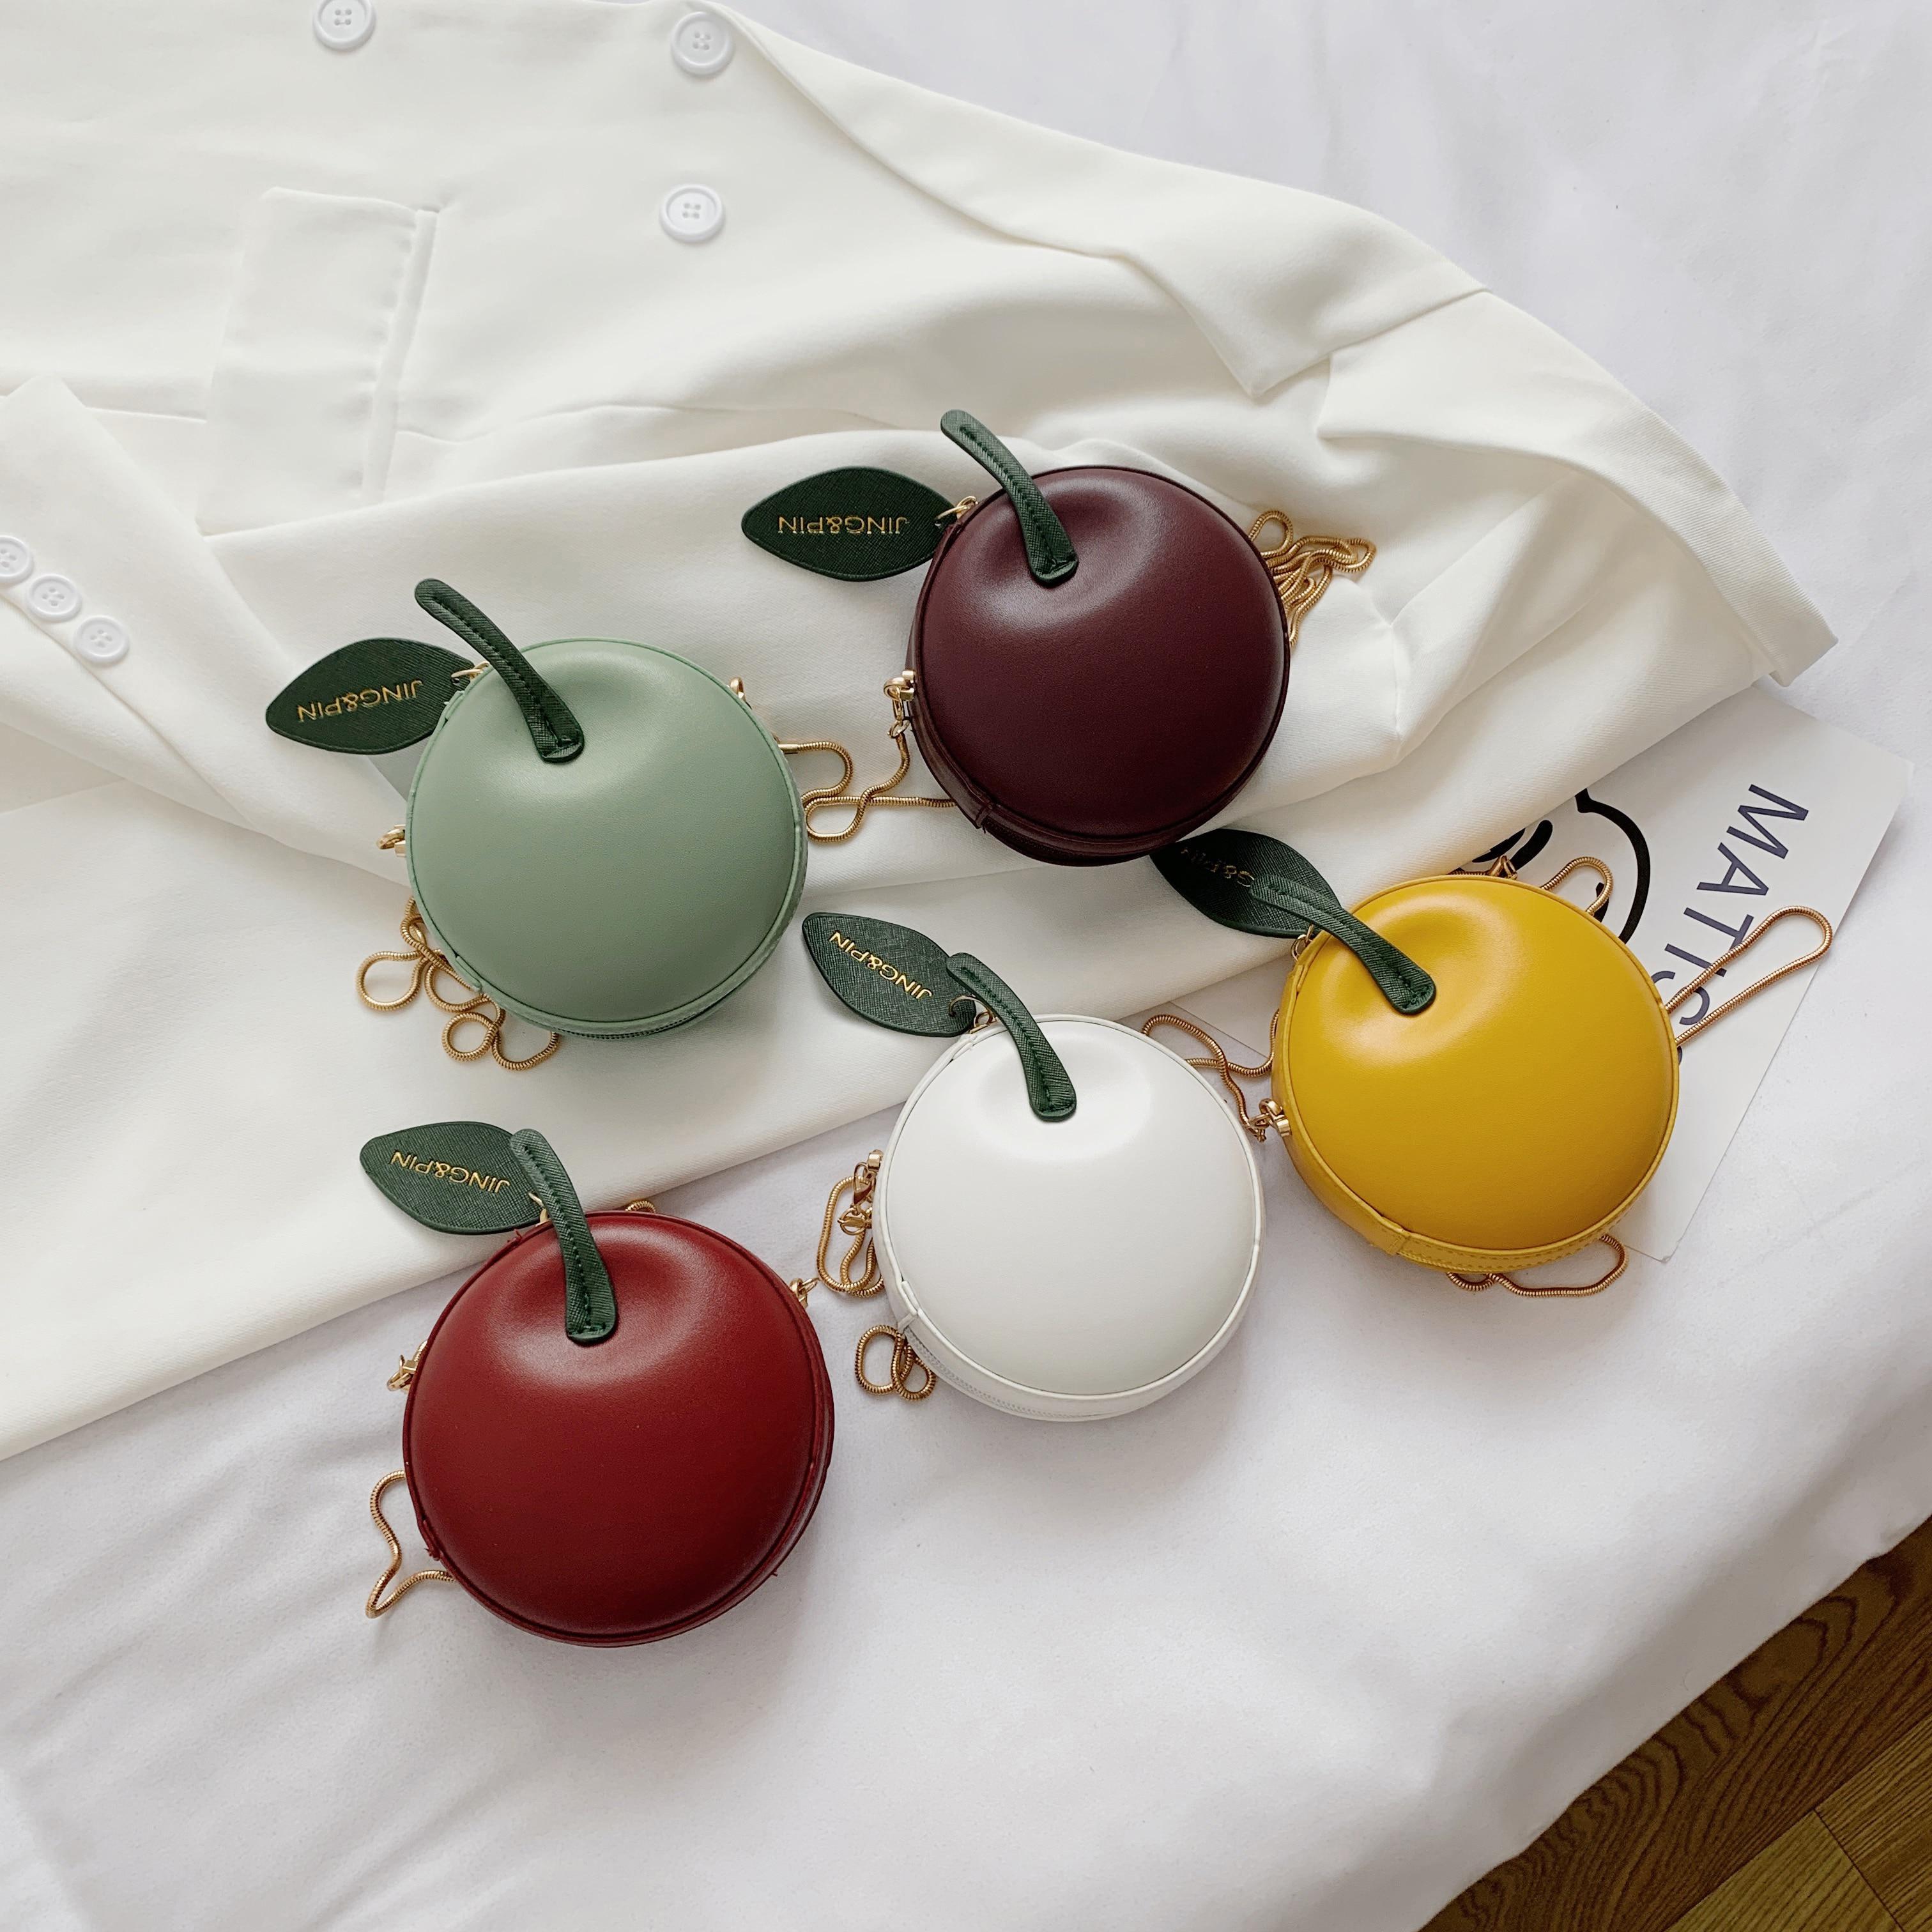 حقيبة صيفية صغيرة على شكل تفاحة بأوراق خضراء ، حقيبة كتف للمراهقين ، حقيبة عملات معدنية